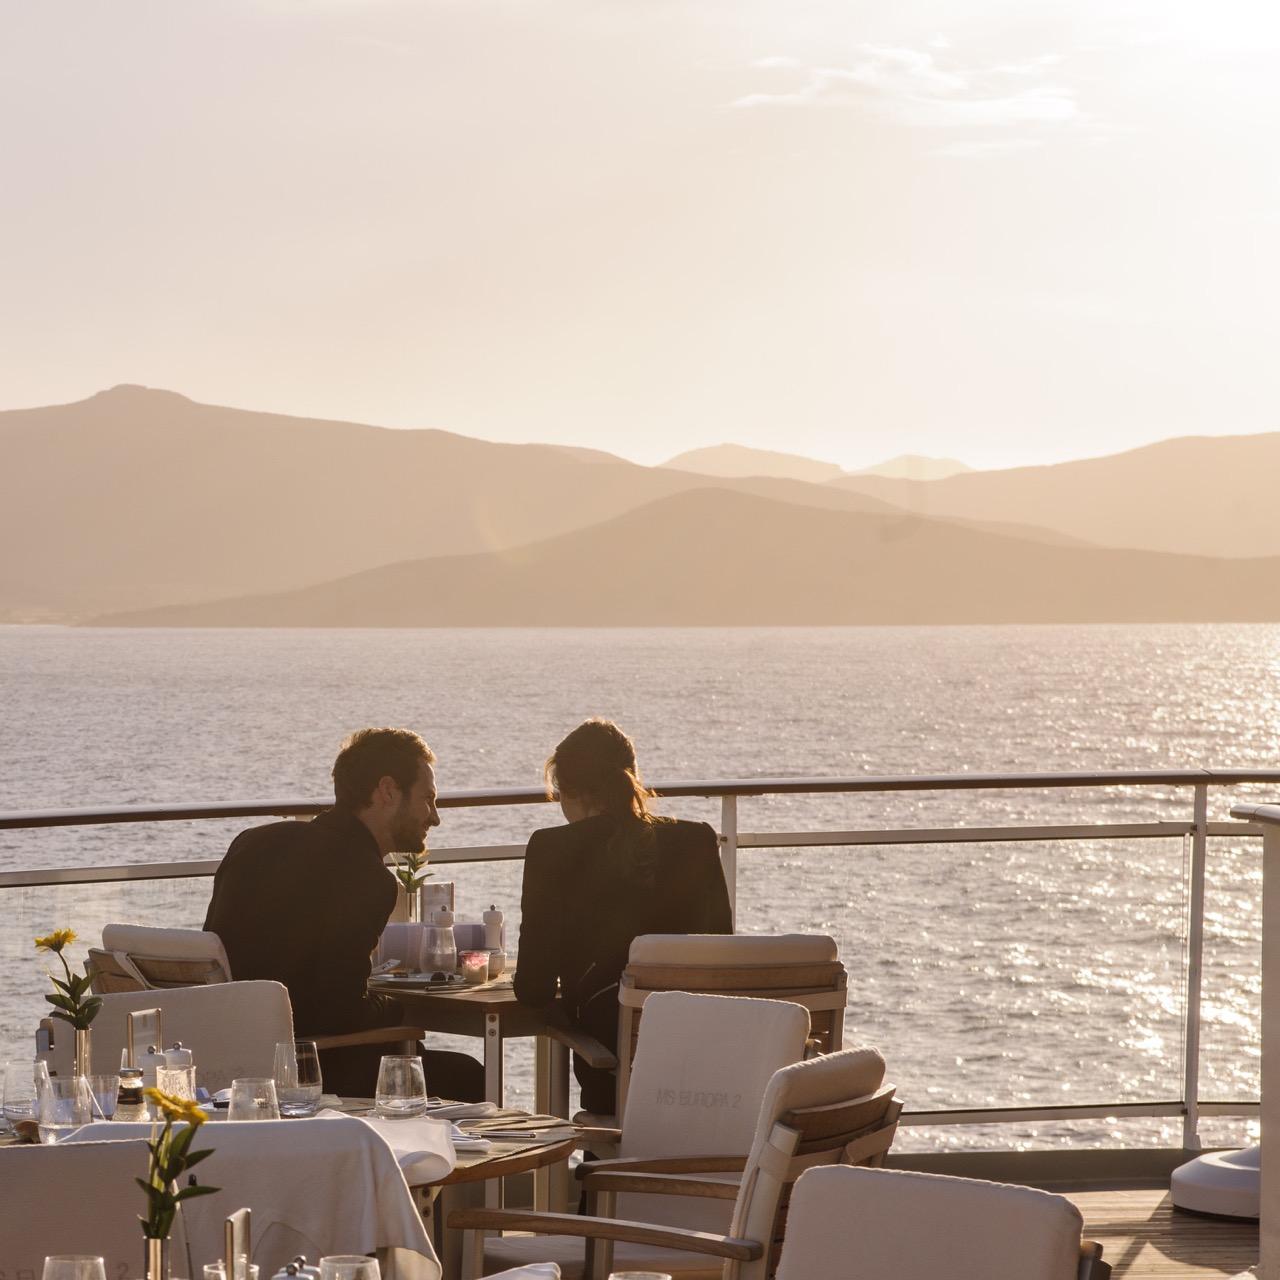 Deutschland, MS Europa 2: Abendstimmung im Yacht-Club.